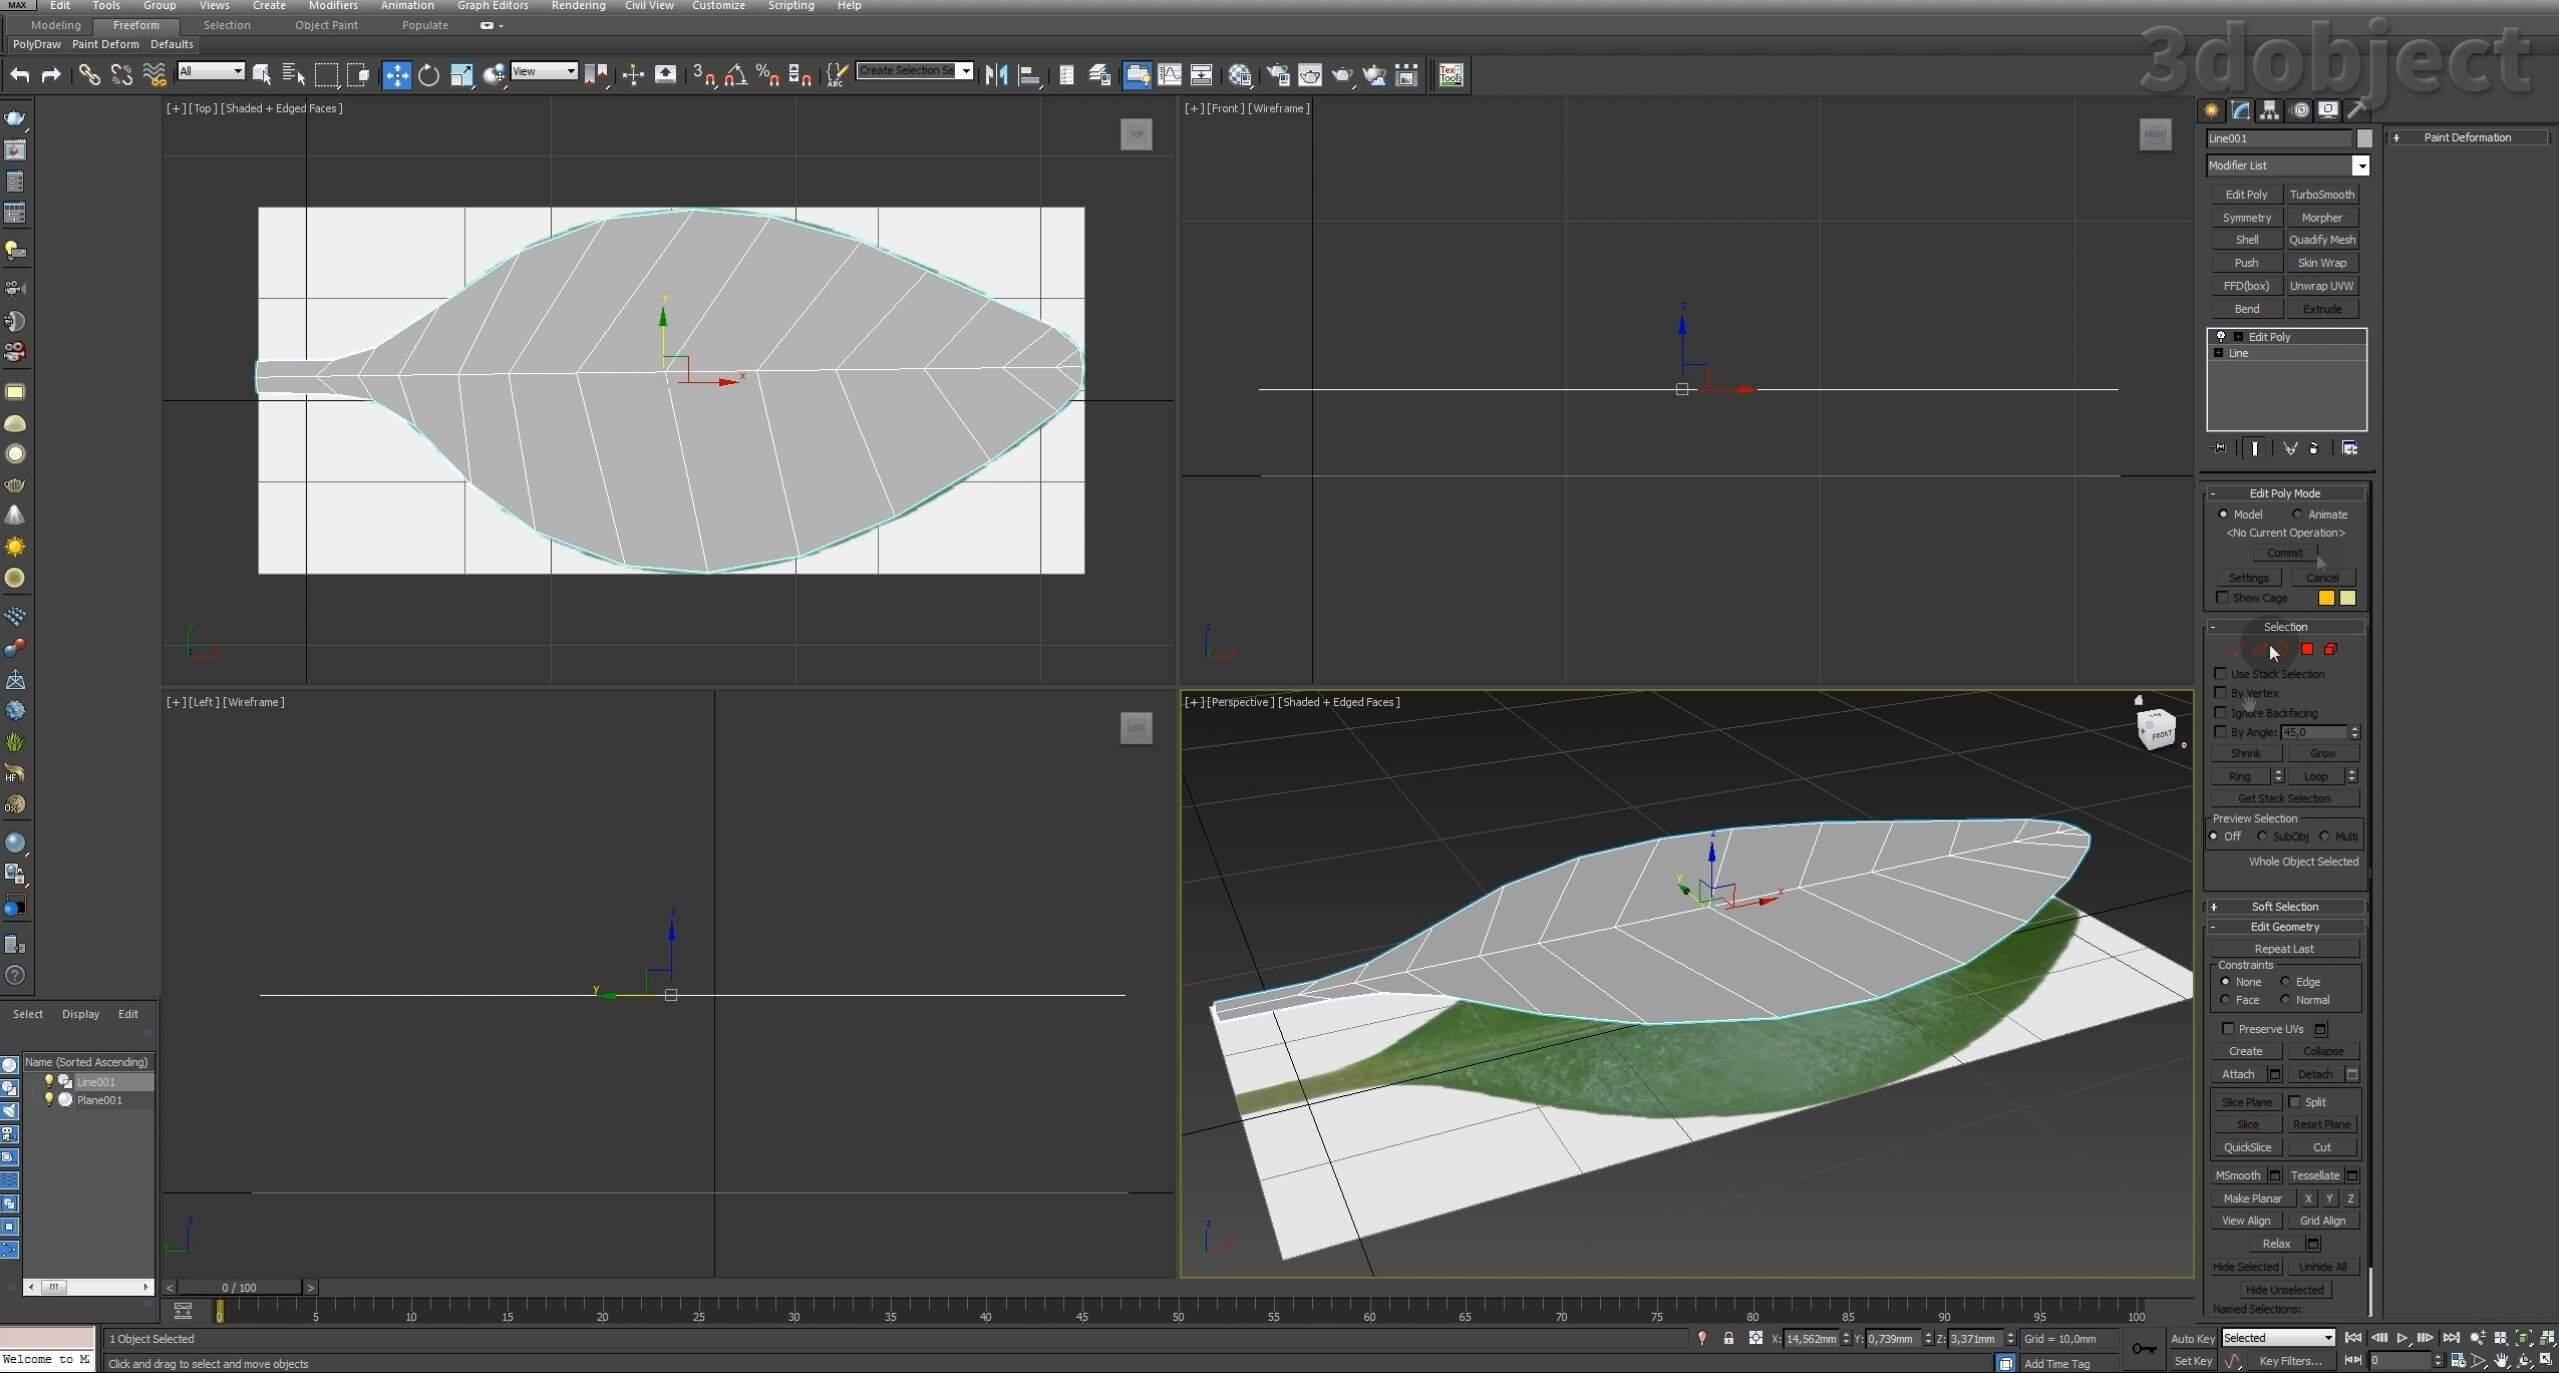 Моделирование Самшит плагином MultiScatter в 3d max. Текстурирование в photoshop. VRay2SidedMtl_2